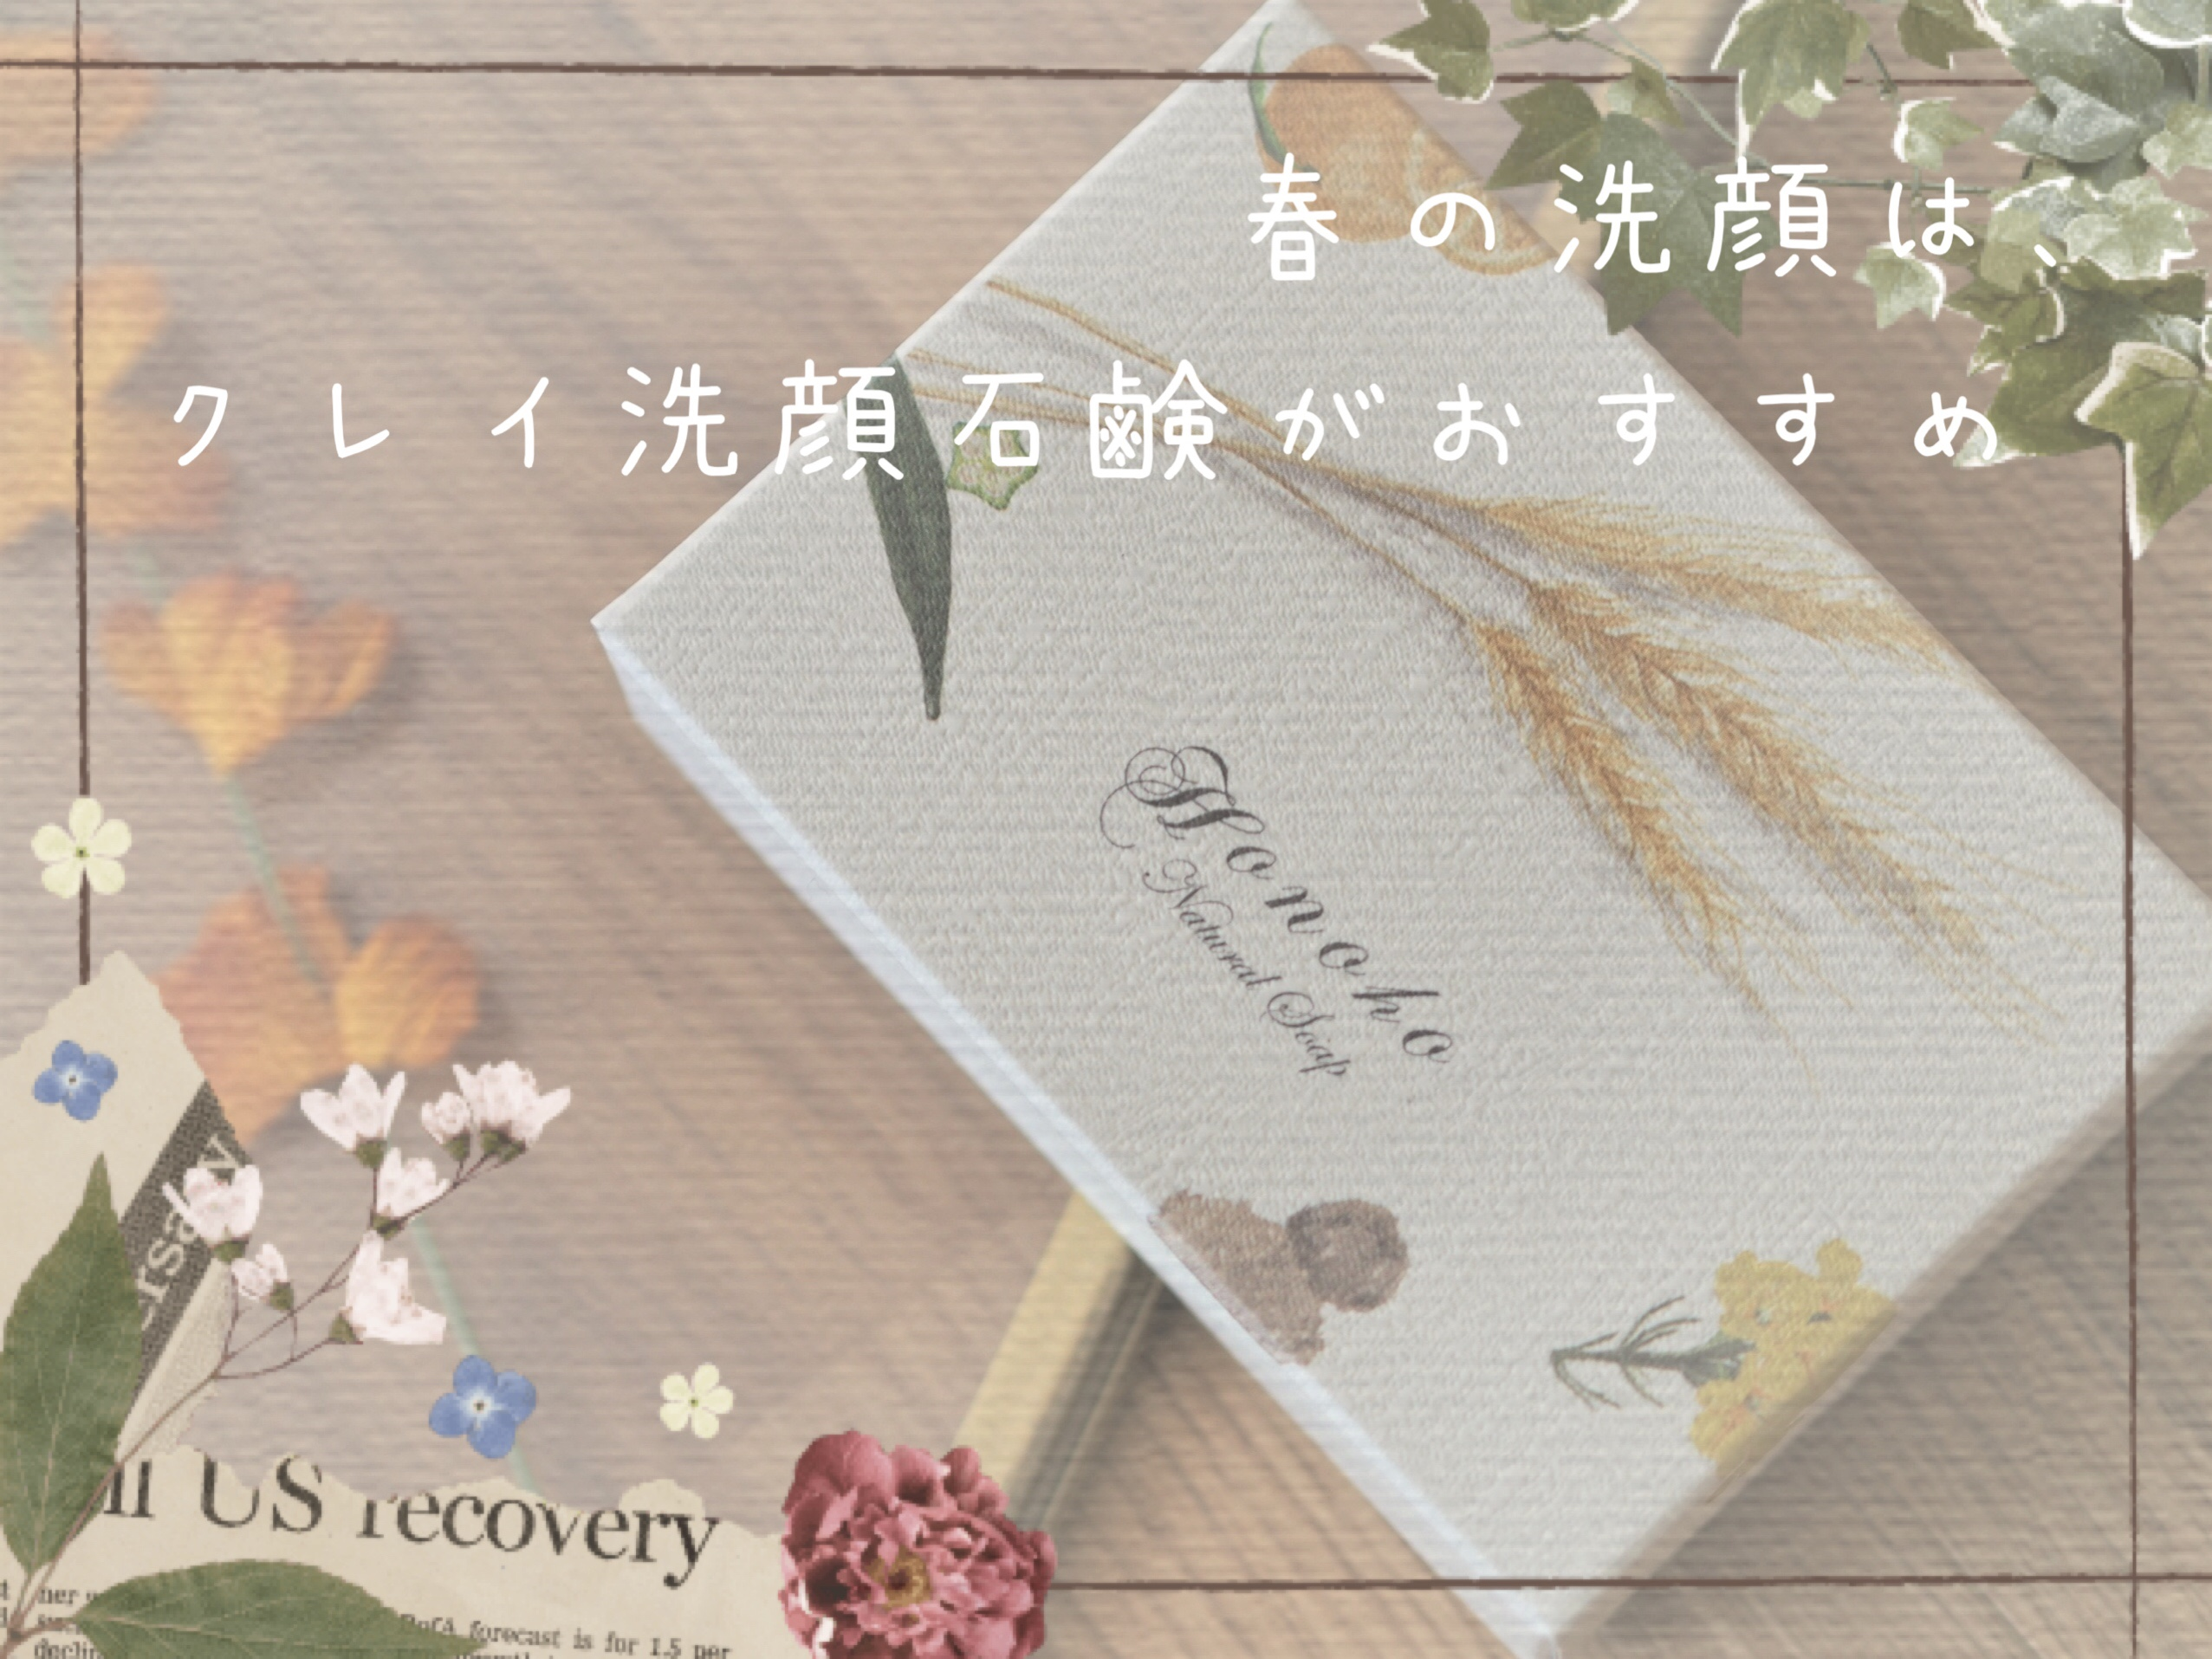 自然石鹸Honoho(ホノホ)